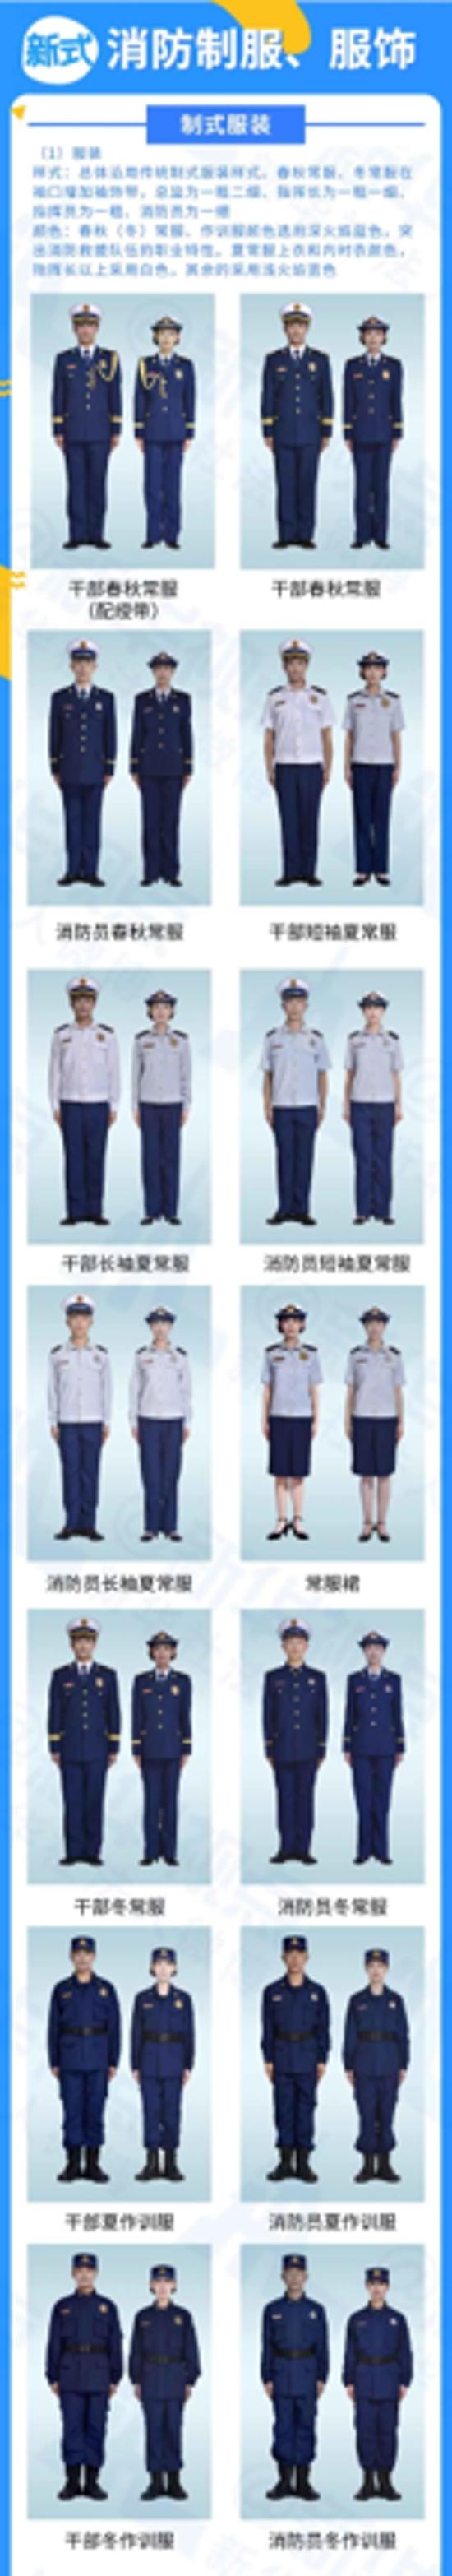 新式消防制服、服饰来了!